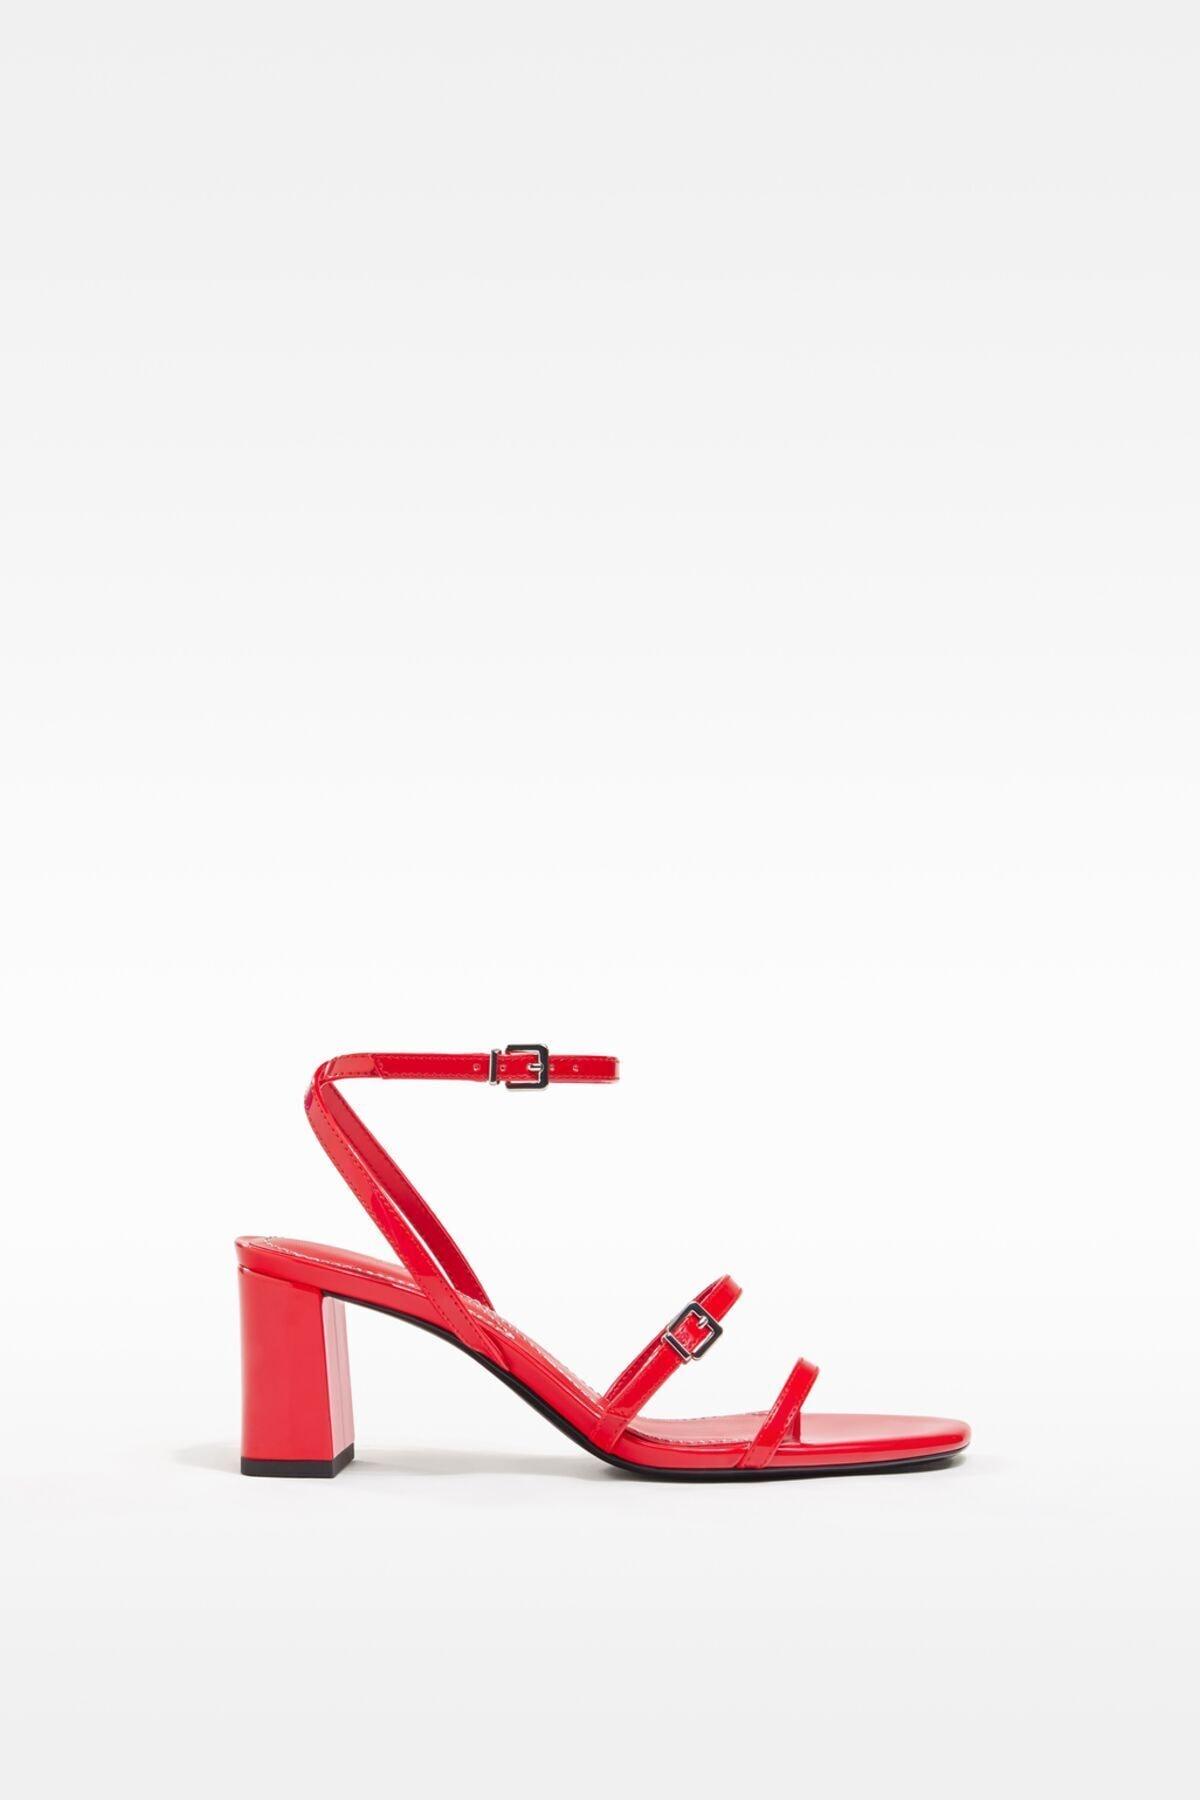 خرید اینترنتی صندل دخترانه برند bershka رنگ قرمز ty94190208